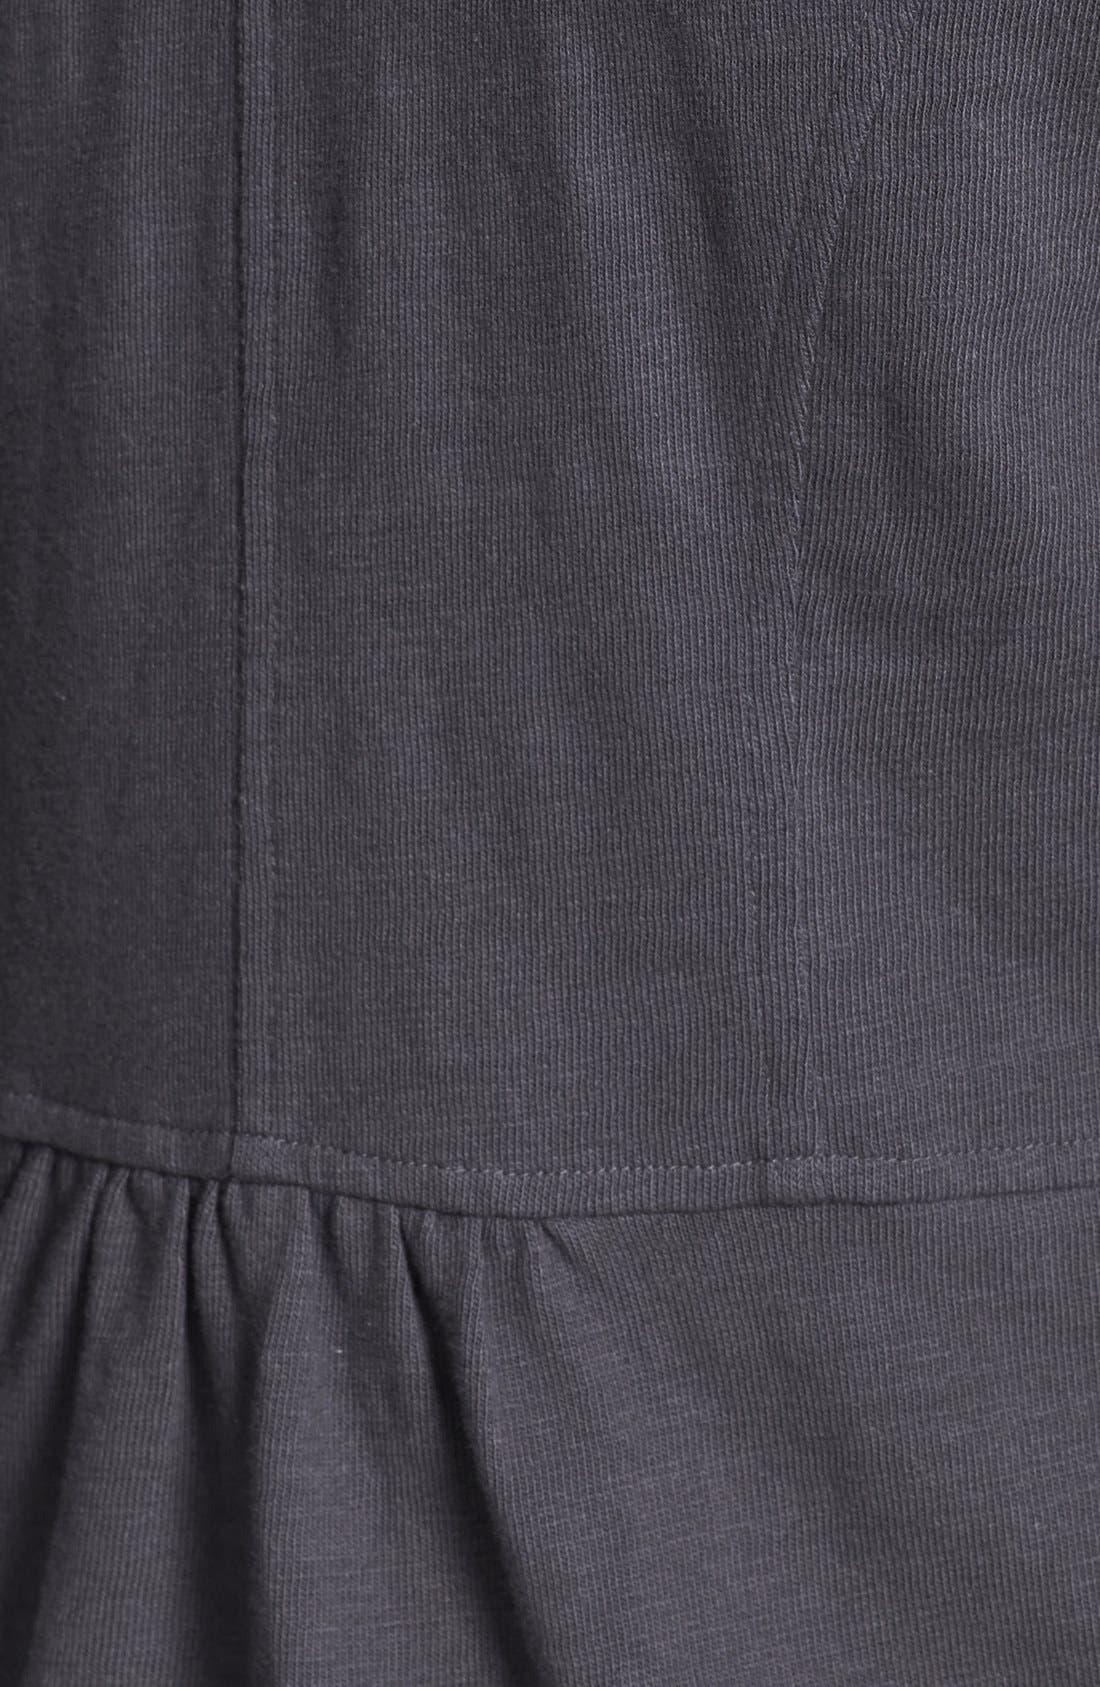 Cotton Knit Jacket,                             Alternate thumbnail 22, color,